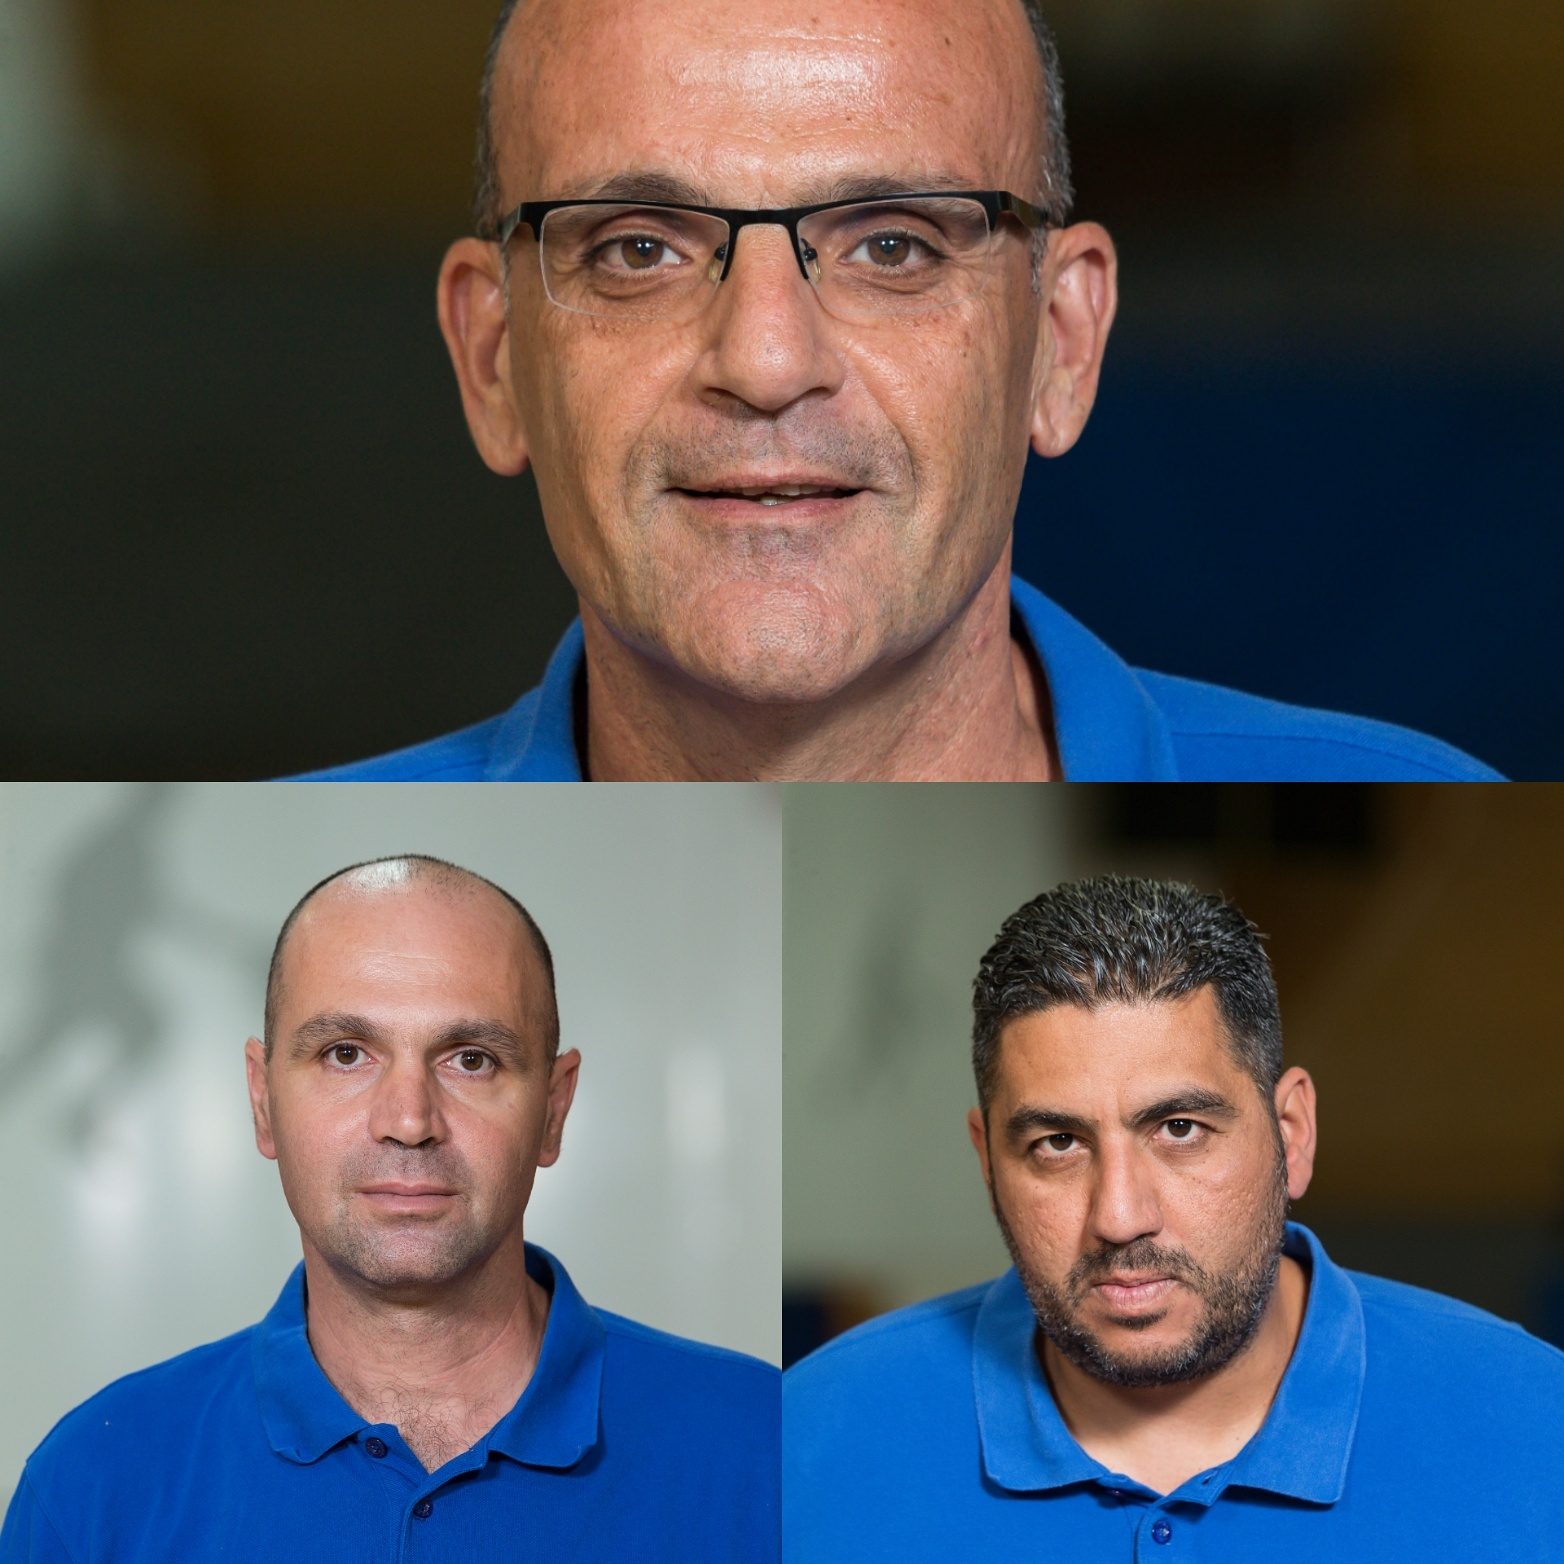 עופר רחימי ודרור כהן עוזרי המאמן של קטש, בית הלחמי מאמן העתודה